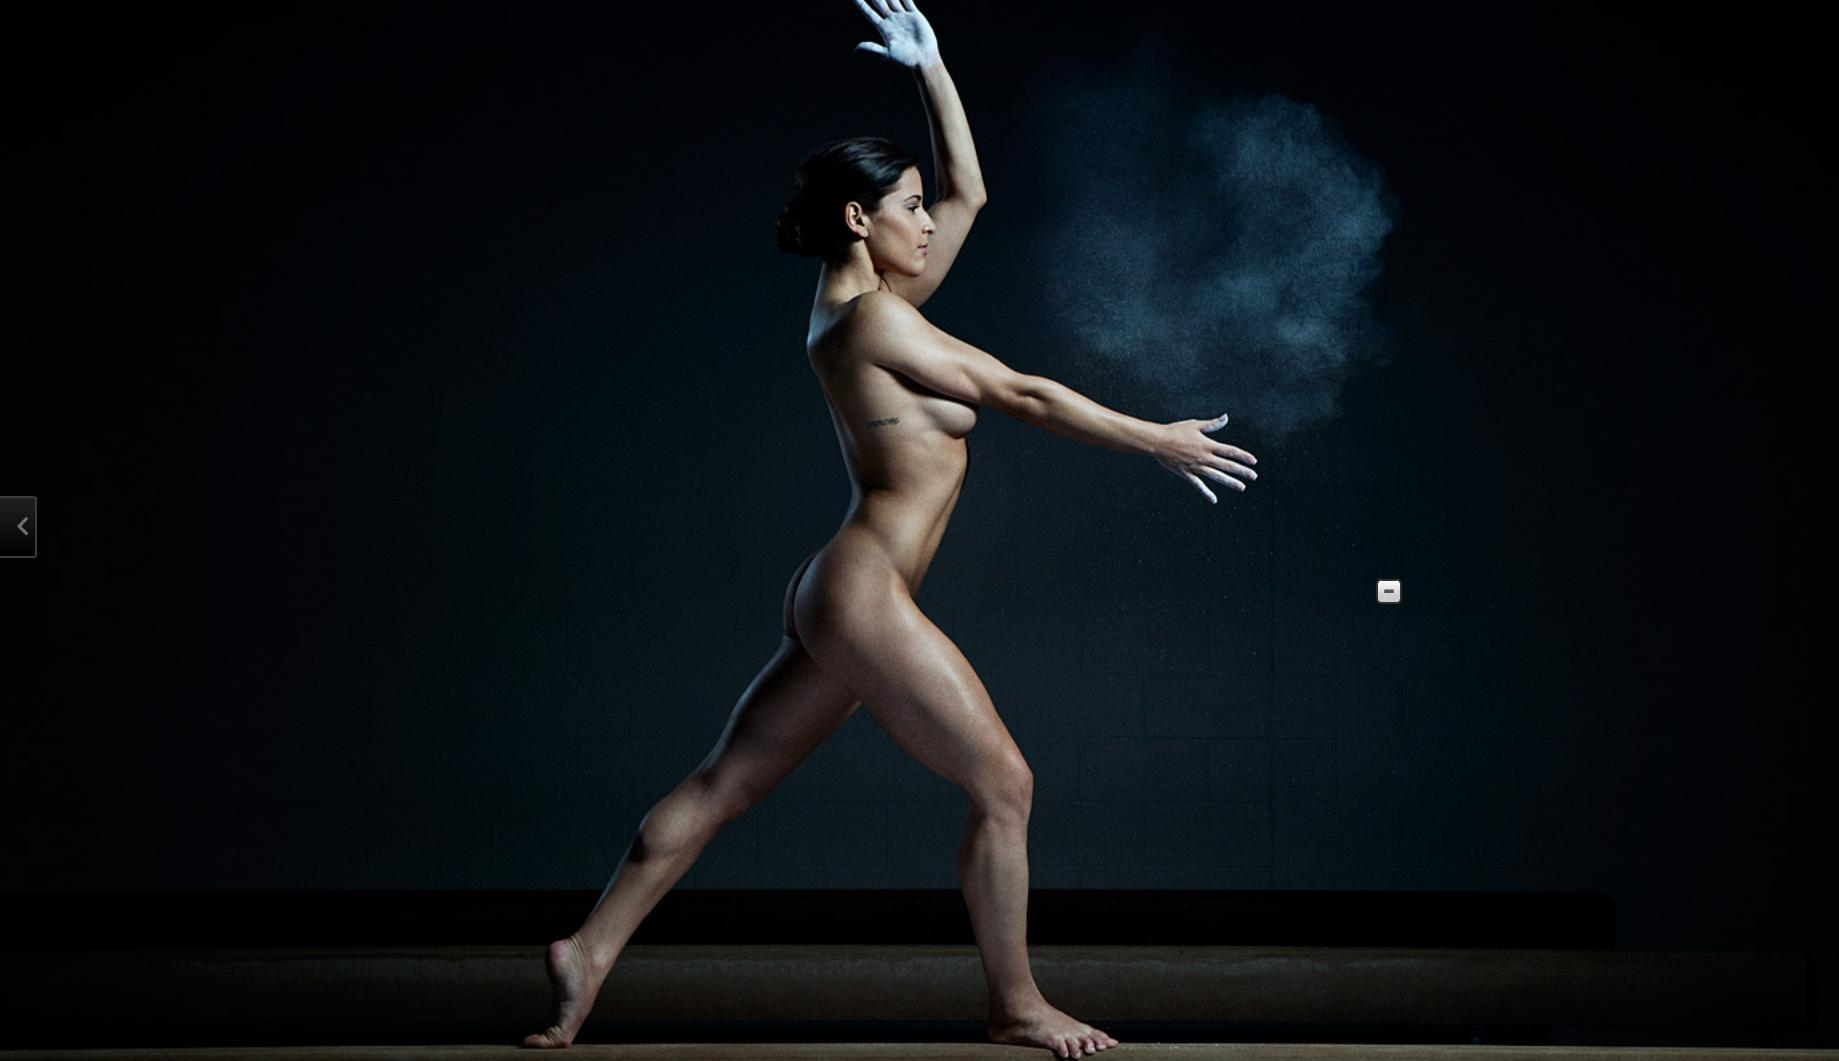 Художественная гимнастика фото ню 3 фотография